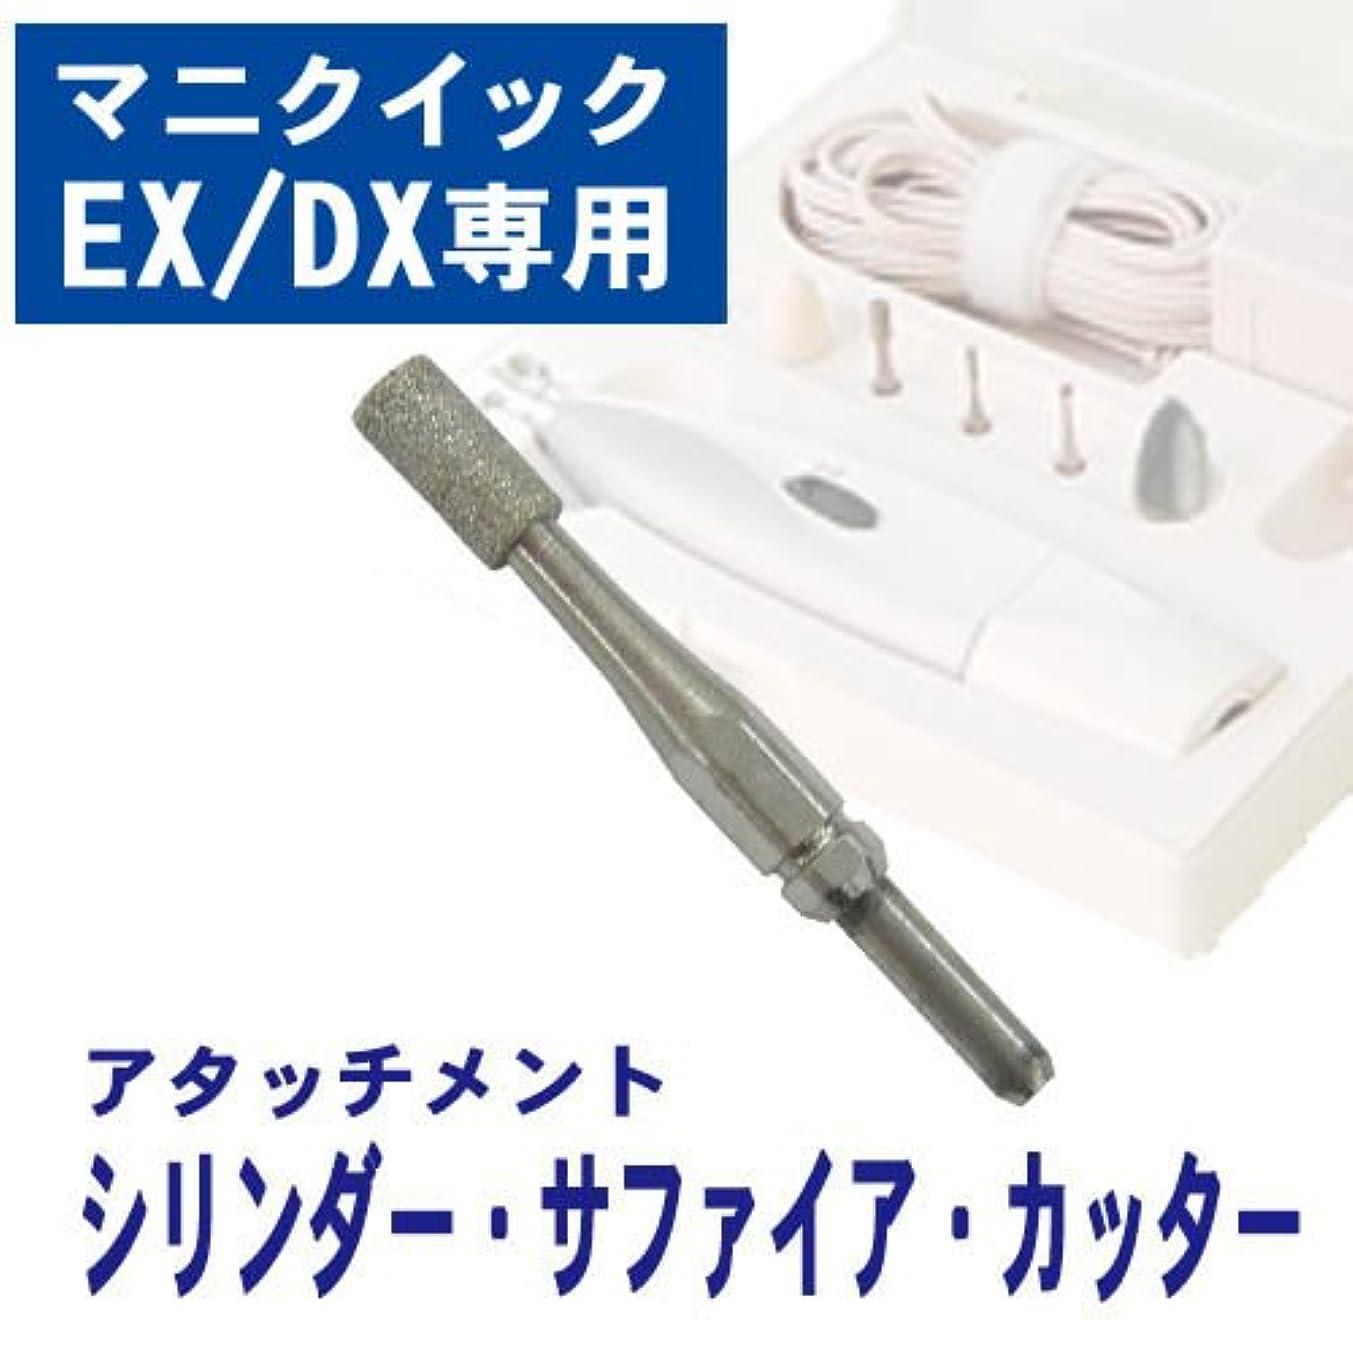 ウォーターフロント第古風なマニクイックEX/DX 専用アタッチメント ( シリンダー?サファイア?カッター )